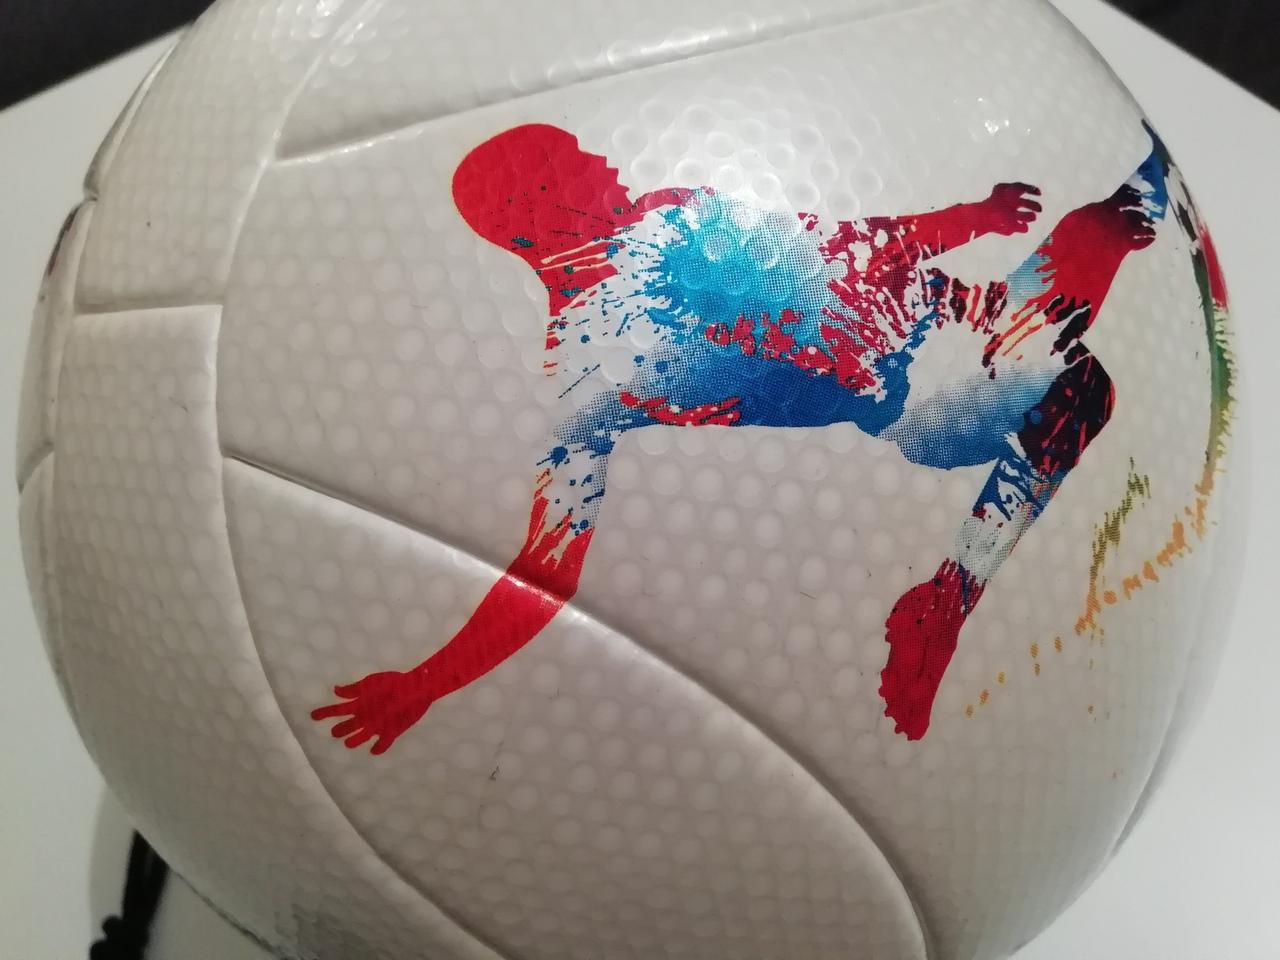 купить профессиональный футбольный мяч в самаре